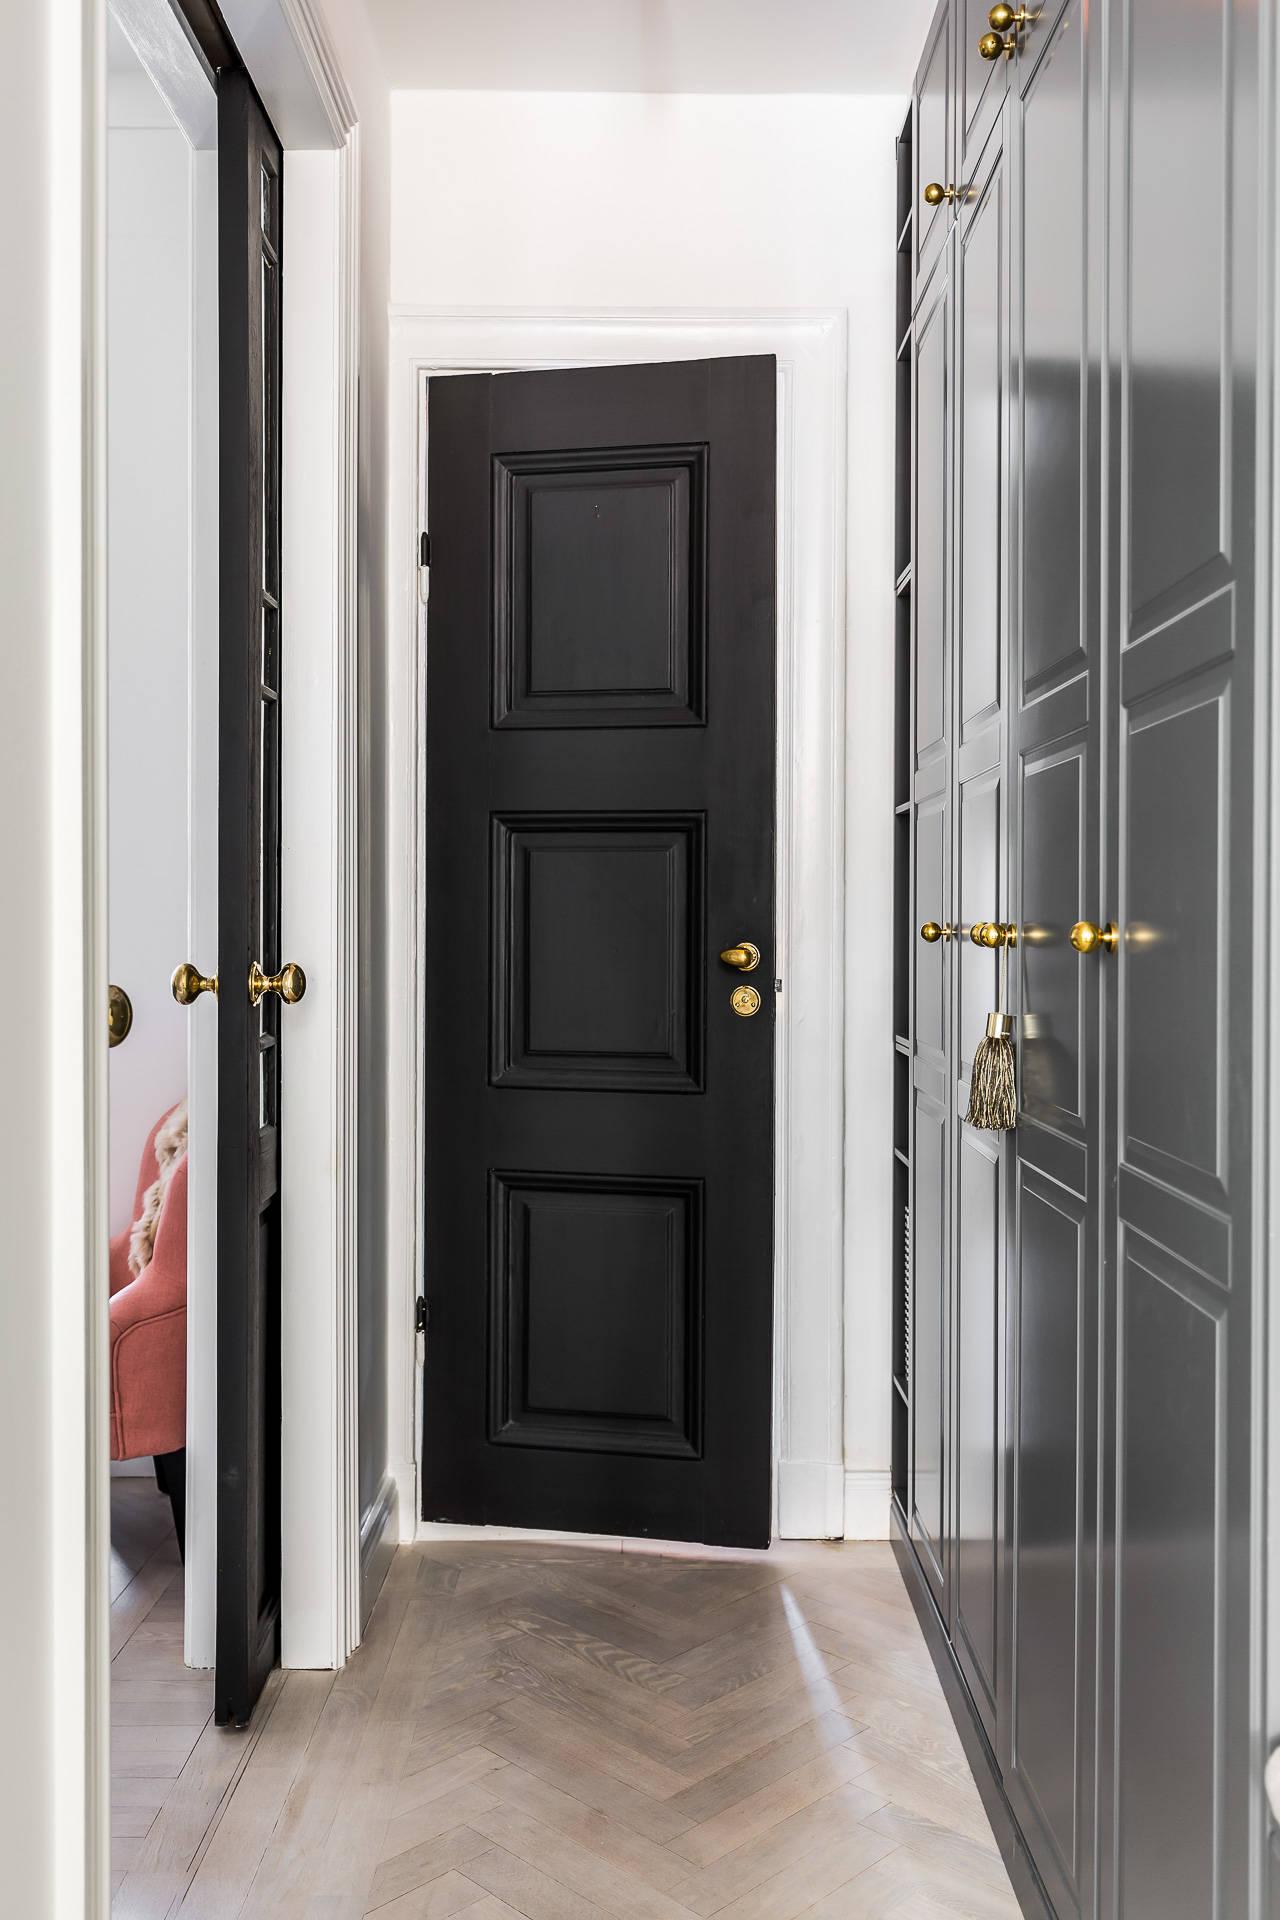 входная дверь коридор шкаф